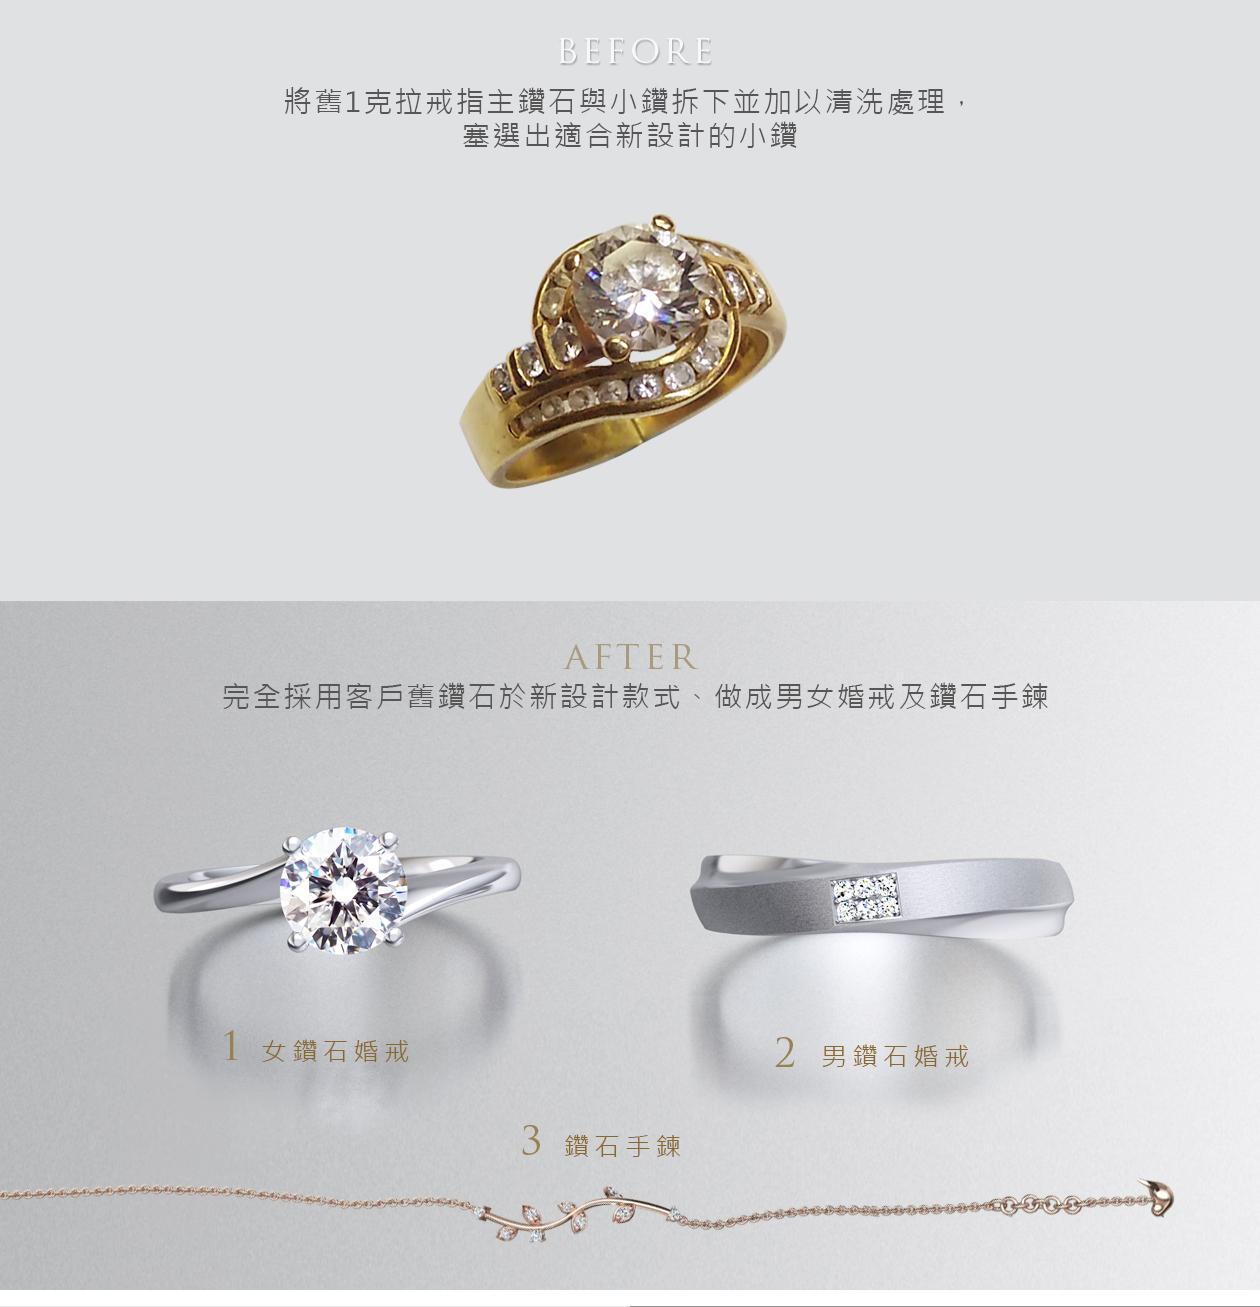 舊換新舊鑽戒改款式成:設計鑽石結婚對戒